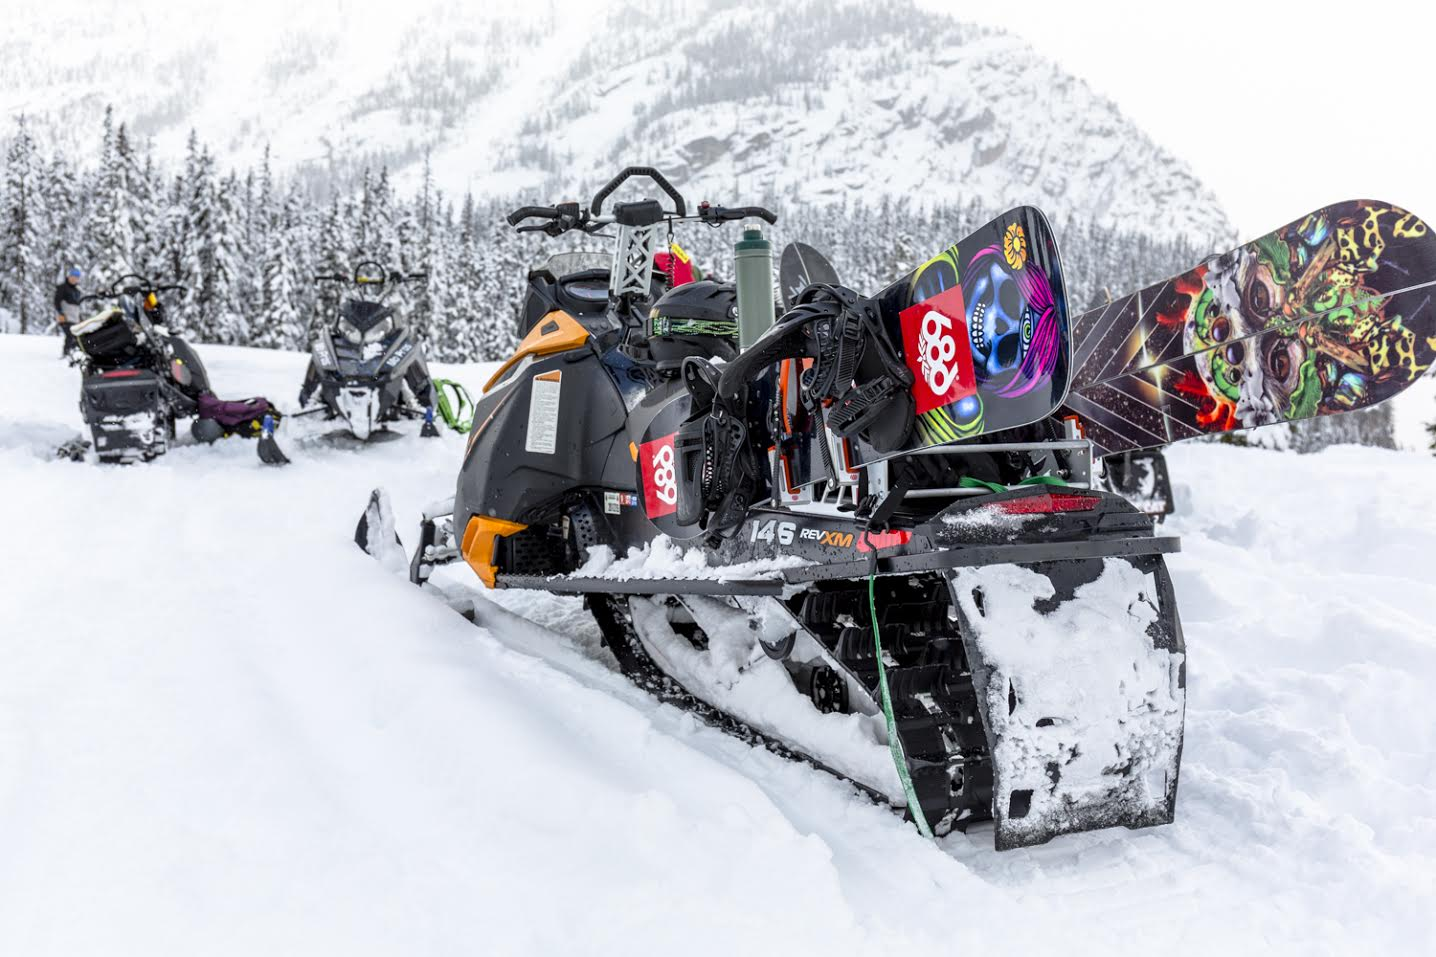 Image result for Consider Ski-doo Snowboard Rack